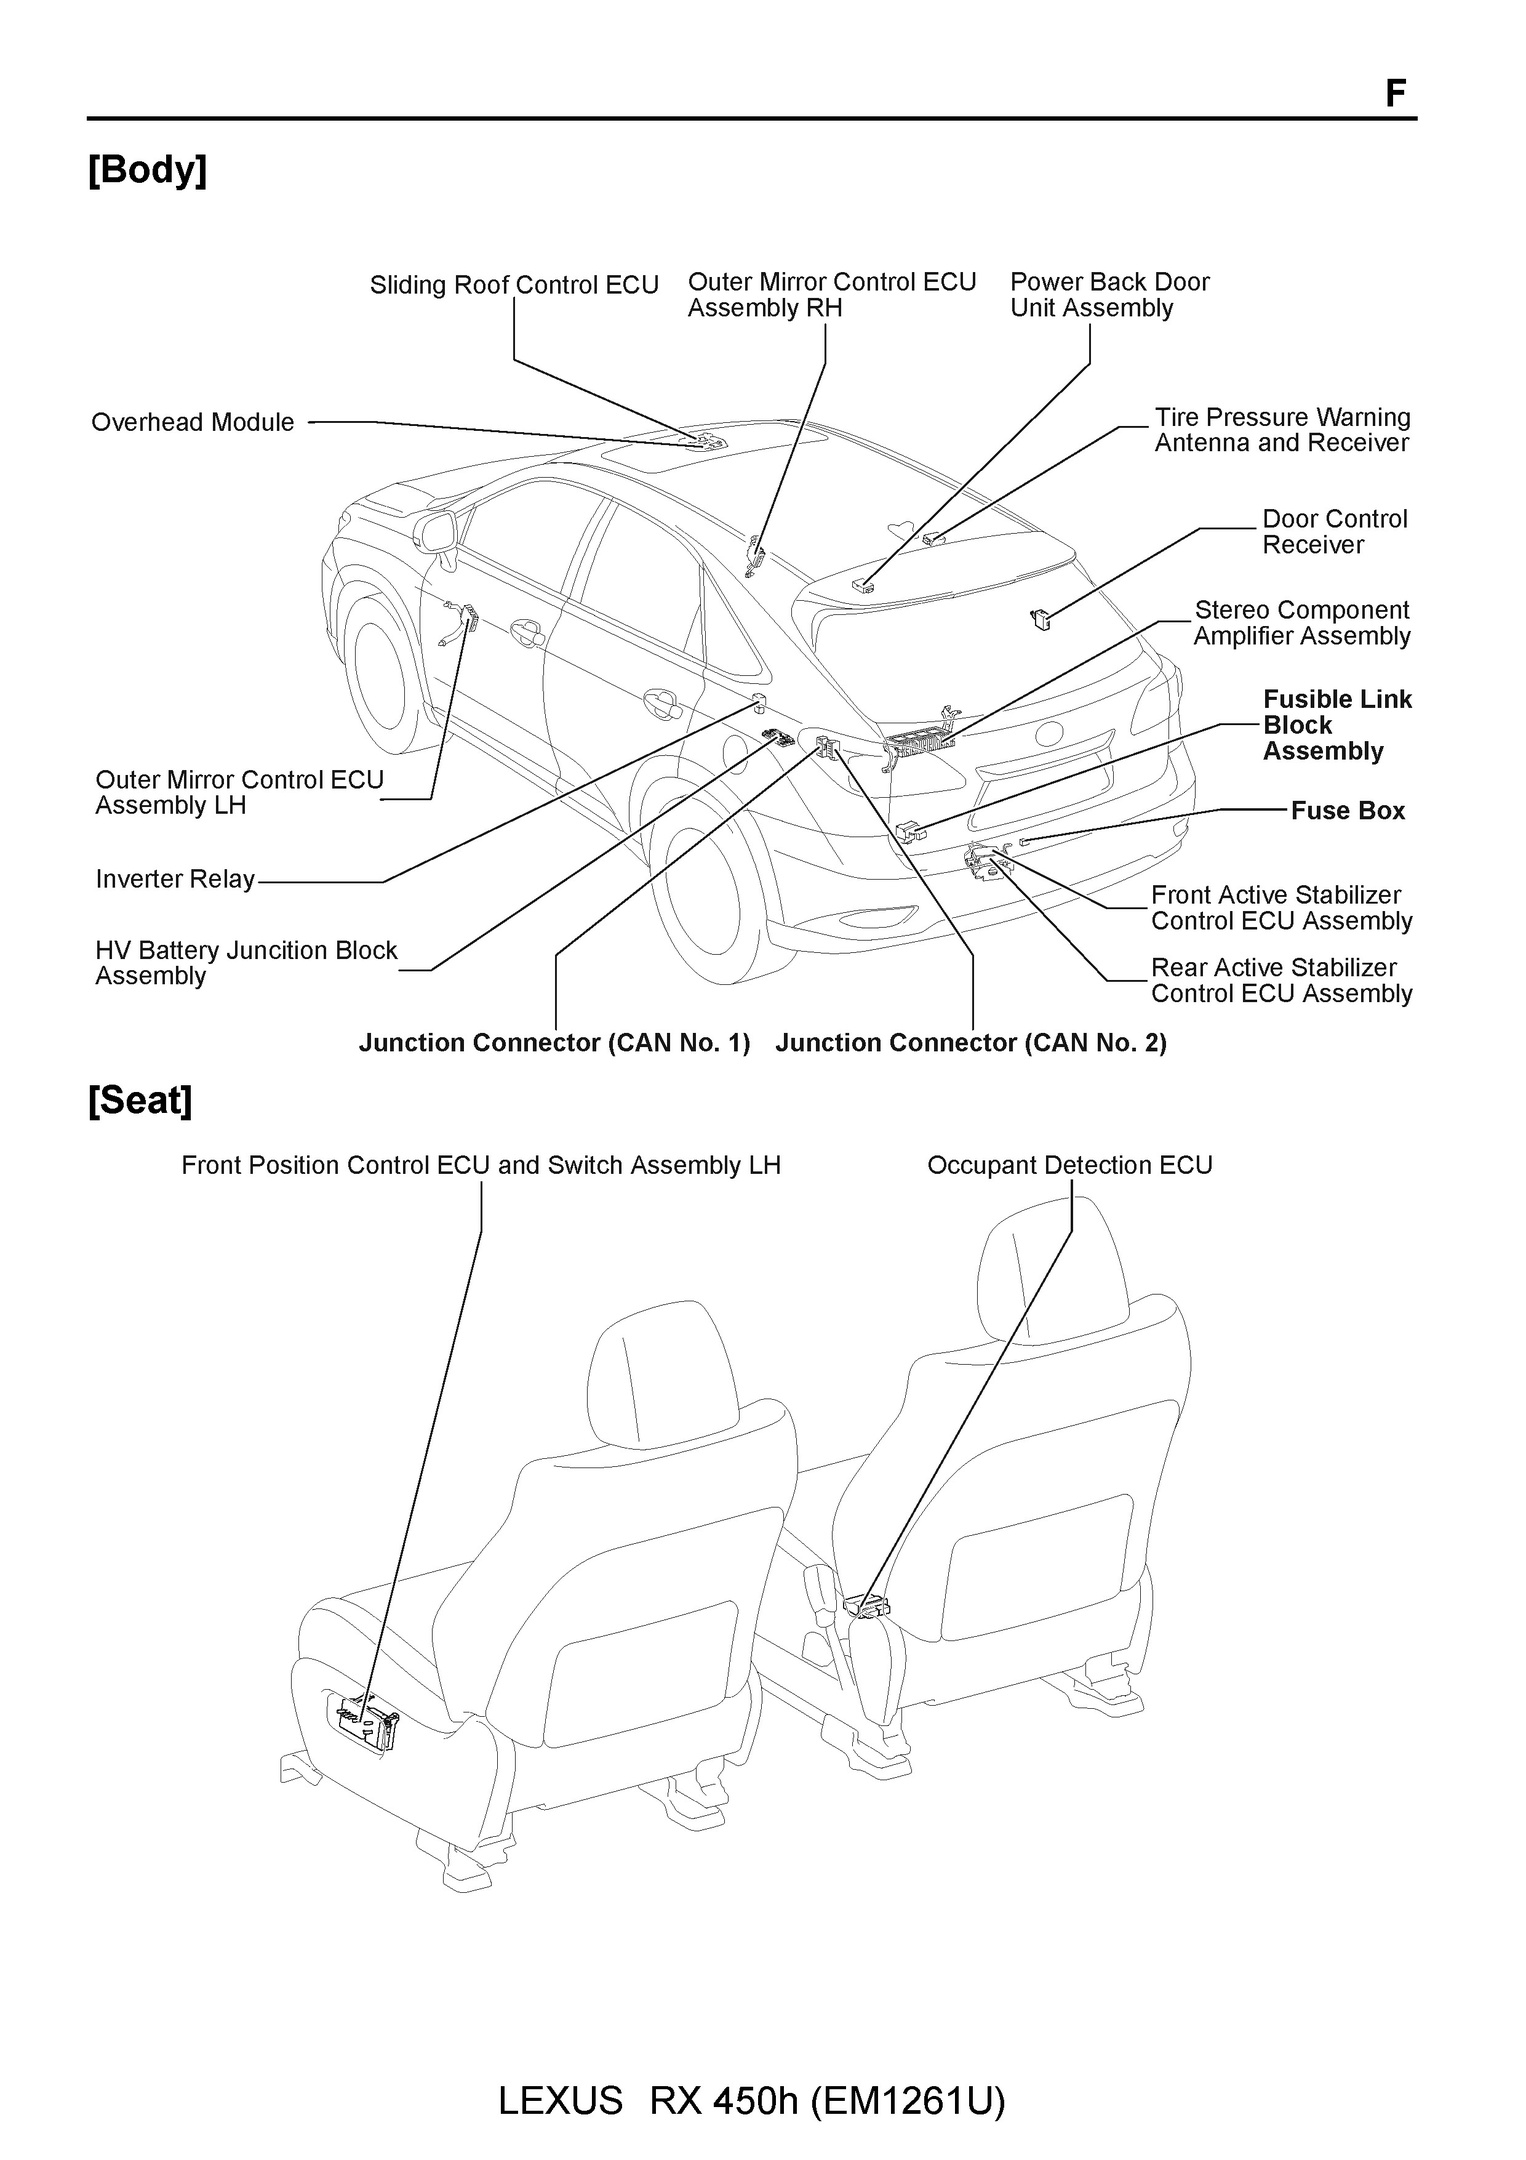 Lexus Rx450h Oem Electrical Wiring Diagram